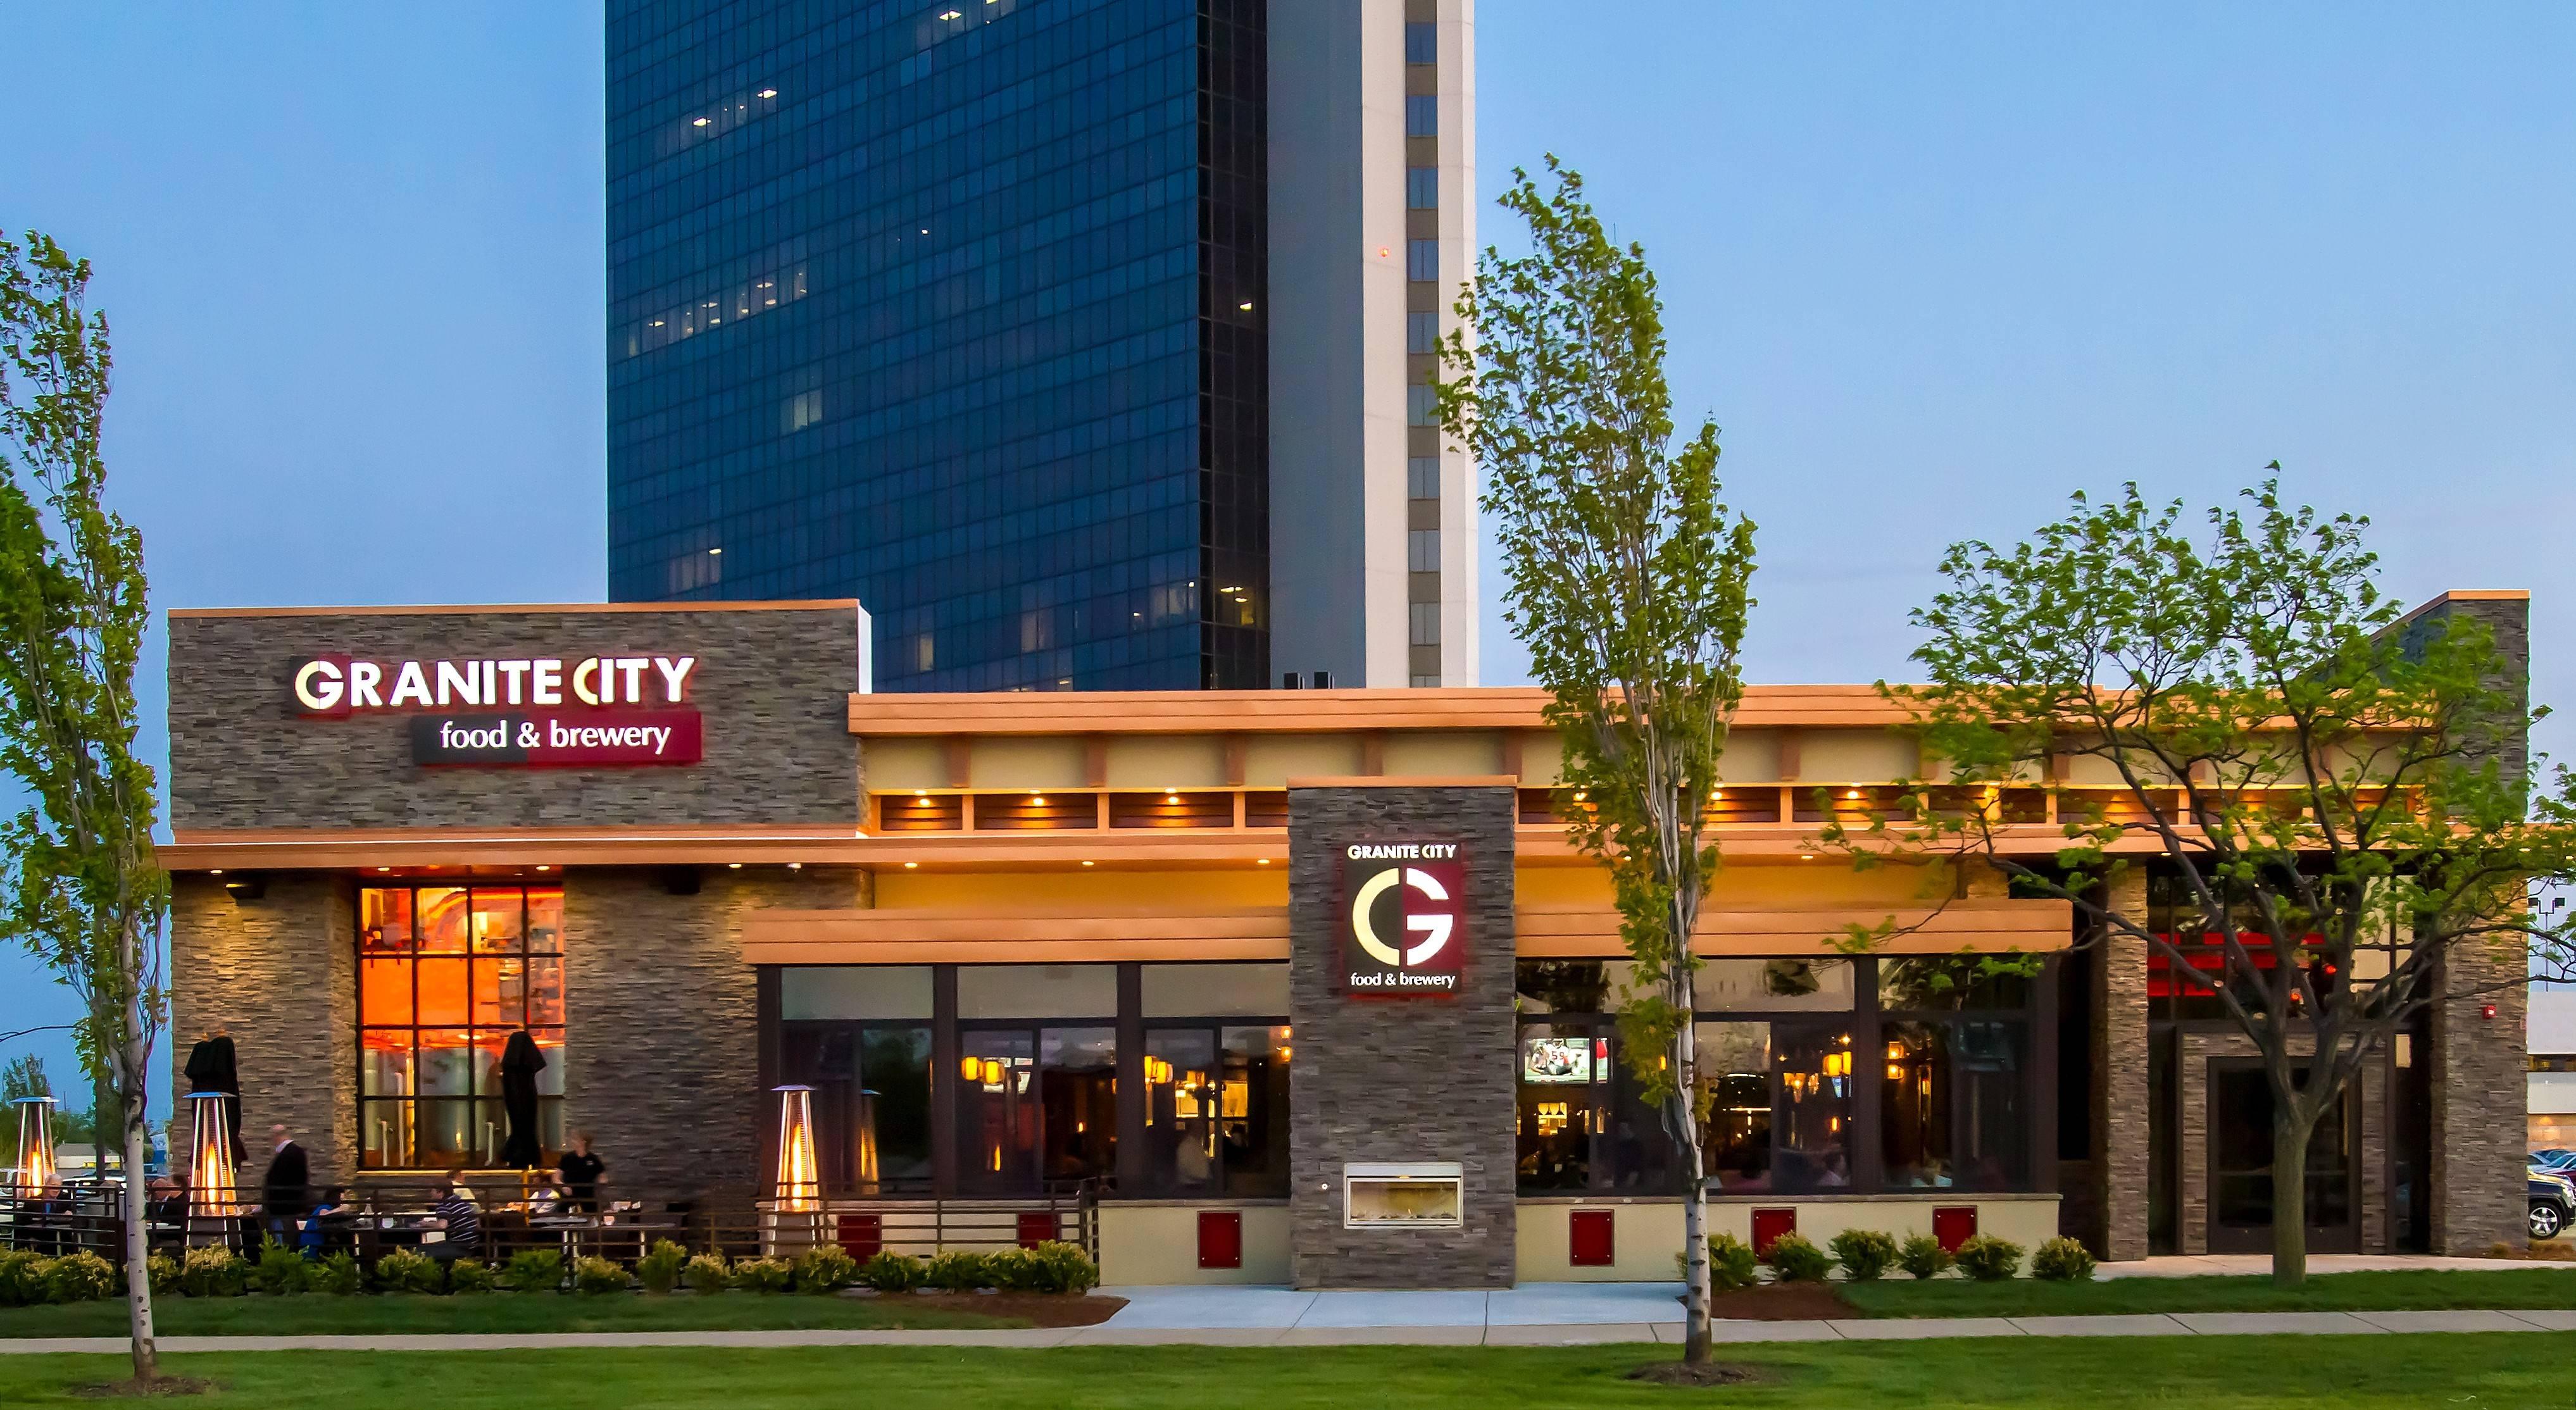 Granite City Restaurant To Open Soon In Naperville